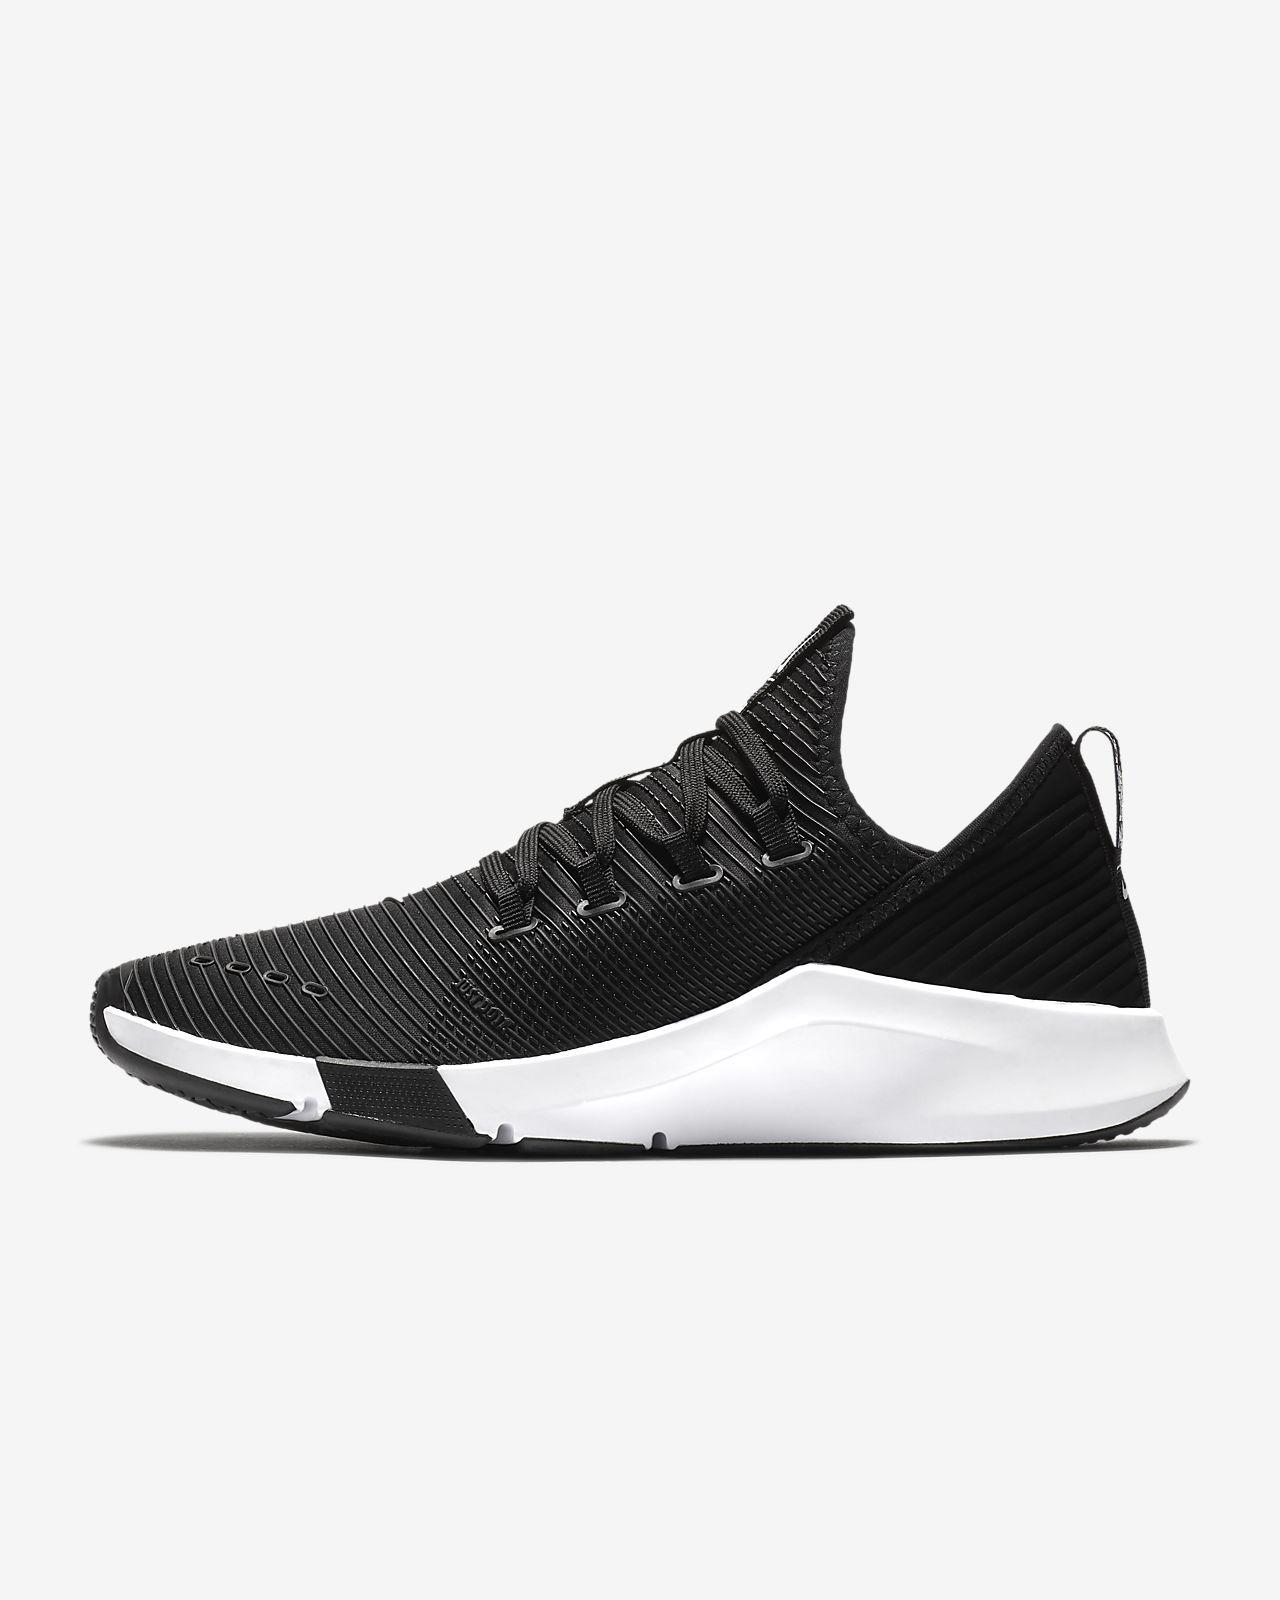 3db5f468 ... Nike Air Zoom Elevate Zapatillas de entrenamiento, boxeo y para el  gimnasio - Mujer